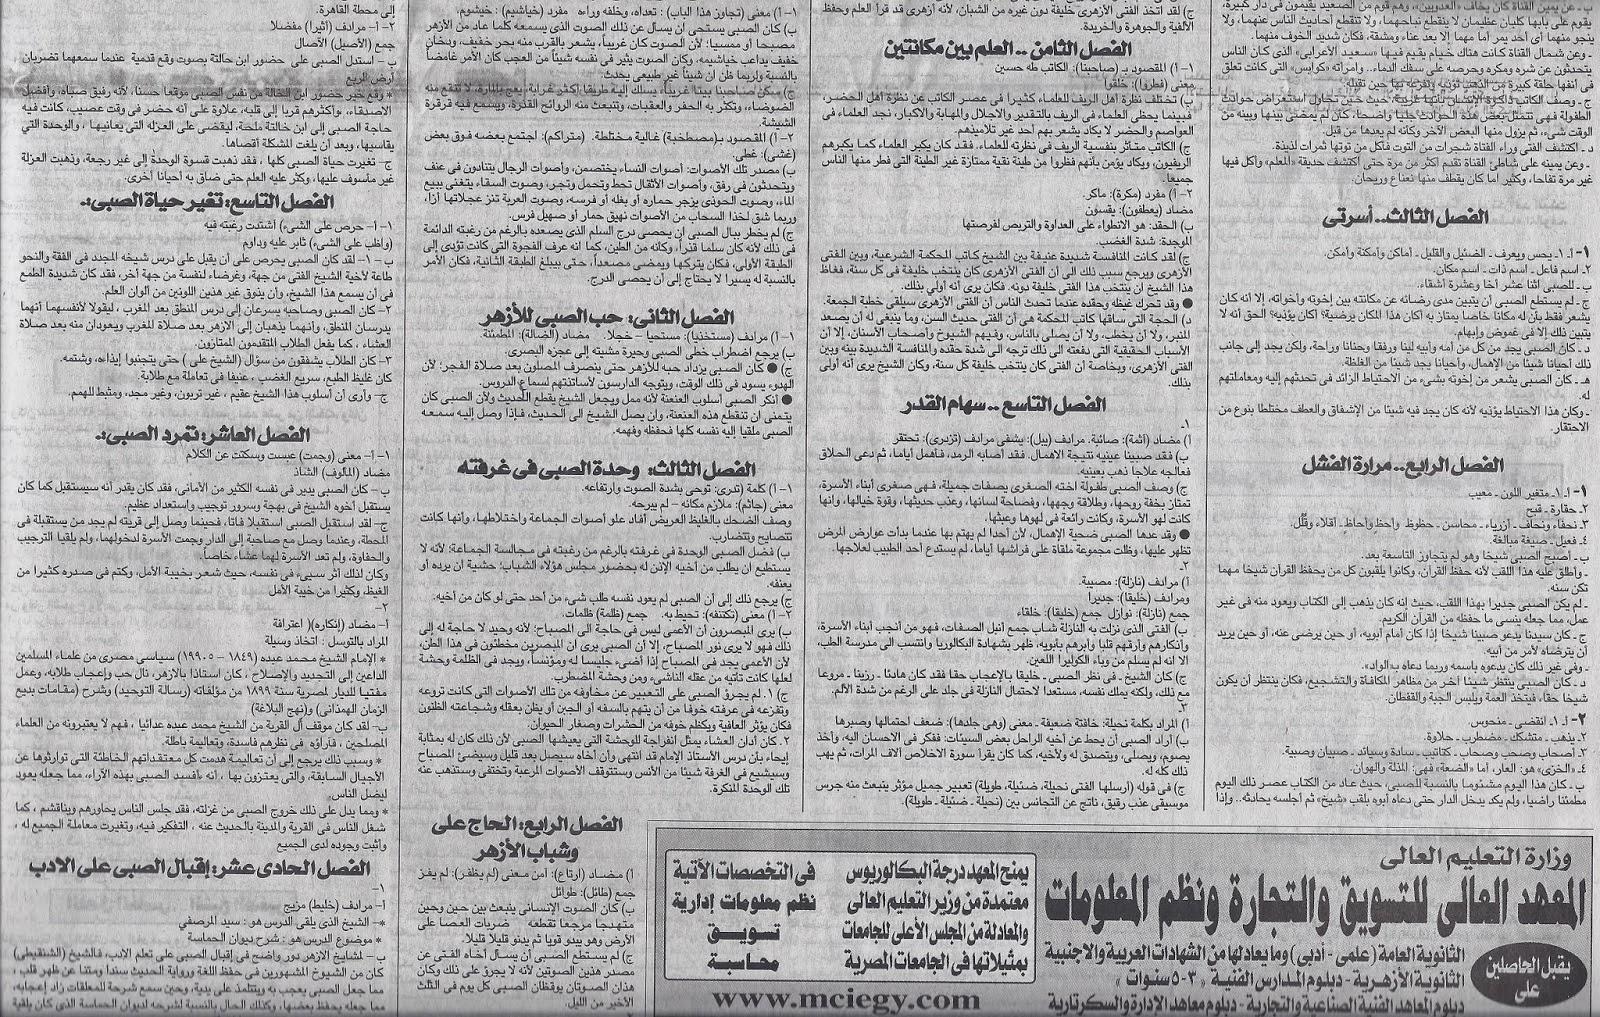 ملحق الجهورية التعليمى 4-2-2014 ينشر اهم نقاط قصة الايام فى ملخص رائع س و ج Talem-eg4